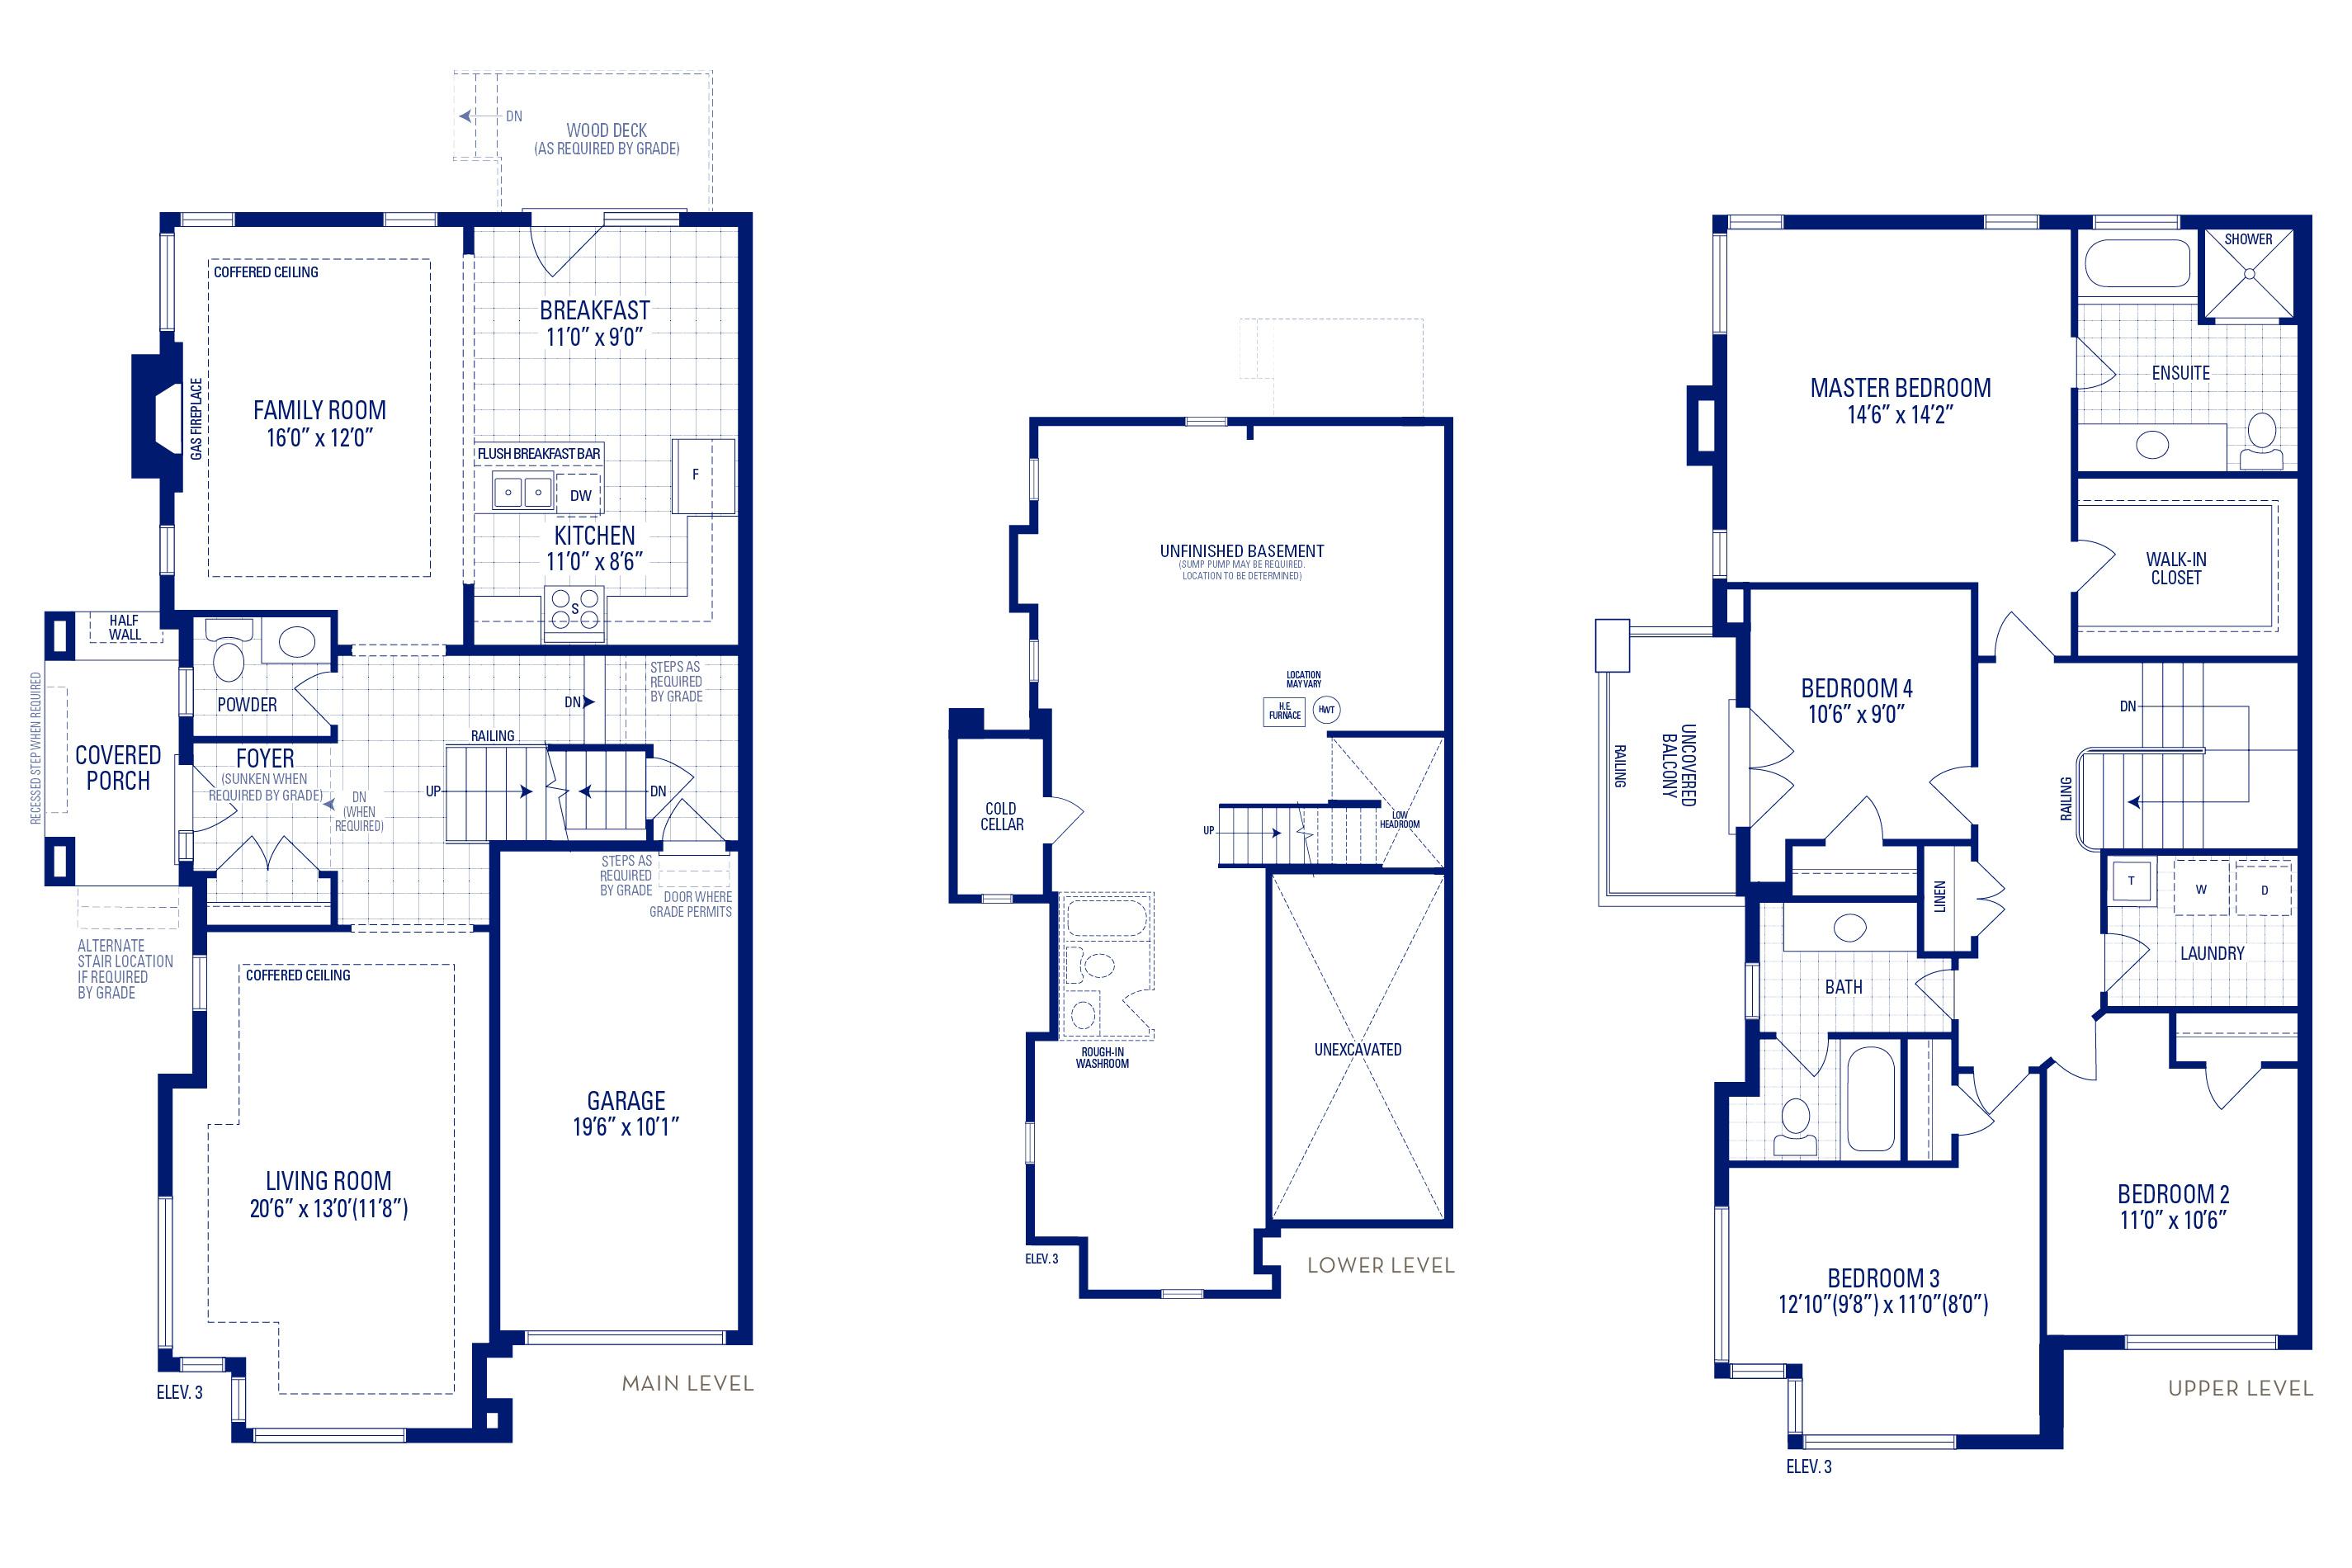 Heritage 12 Elev. 3 Floorplan